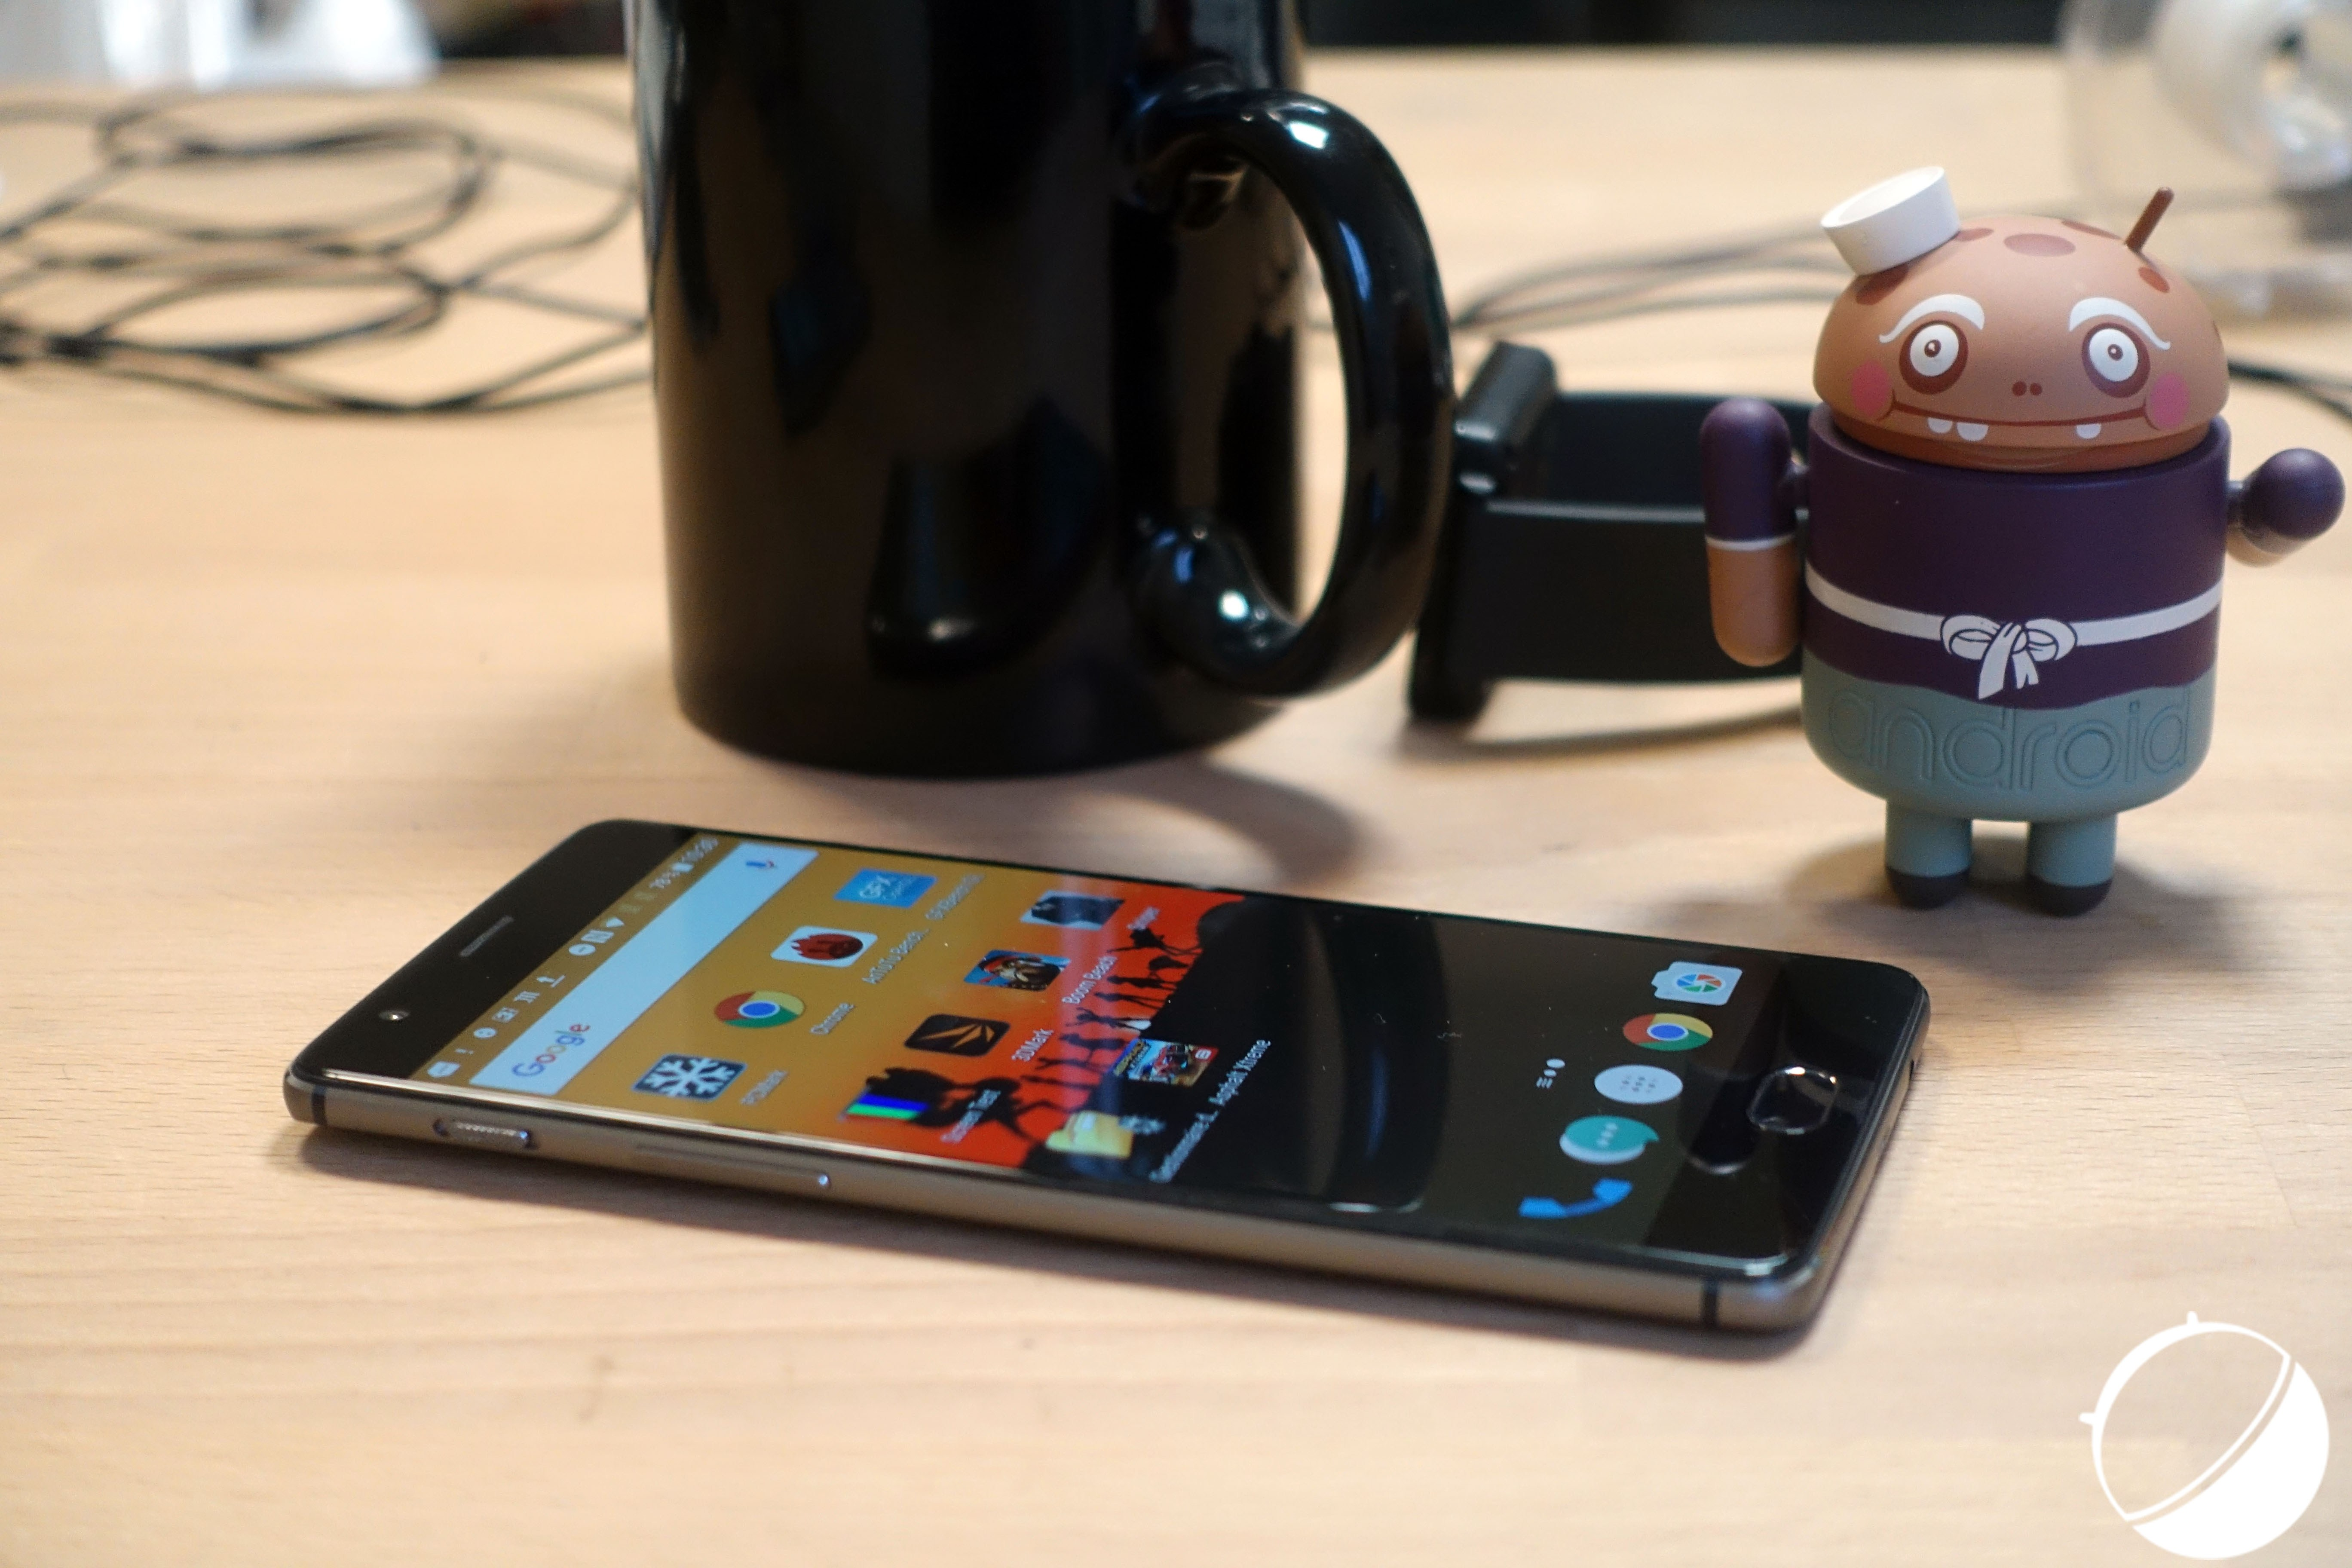 Vidéo : OnePlus 3T, notre avis et nos conclusions techniques